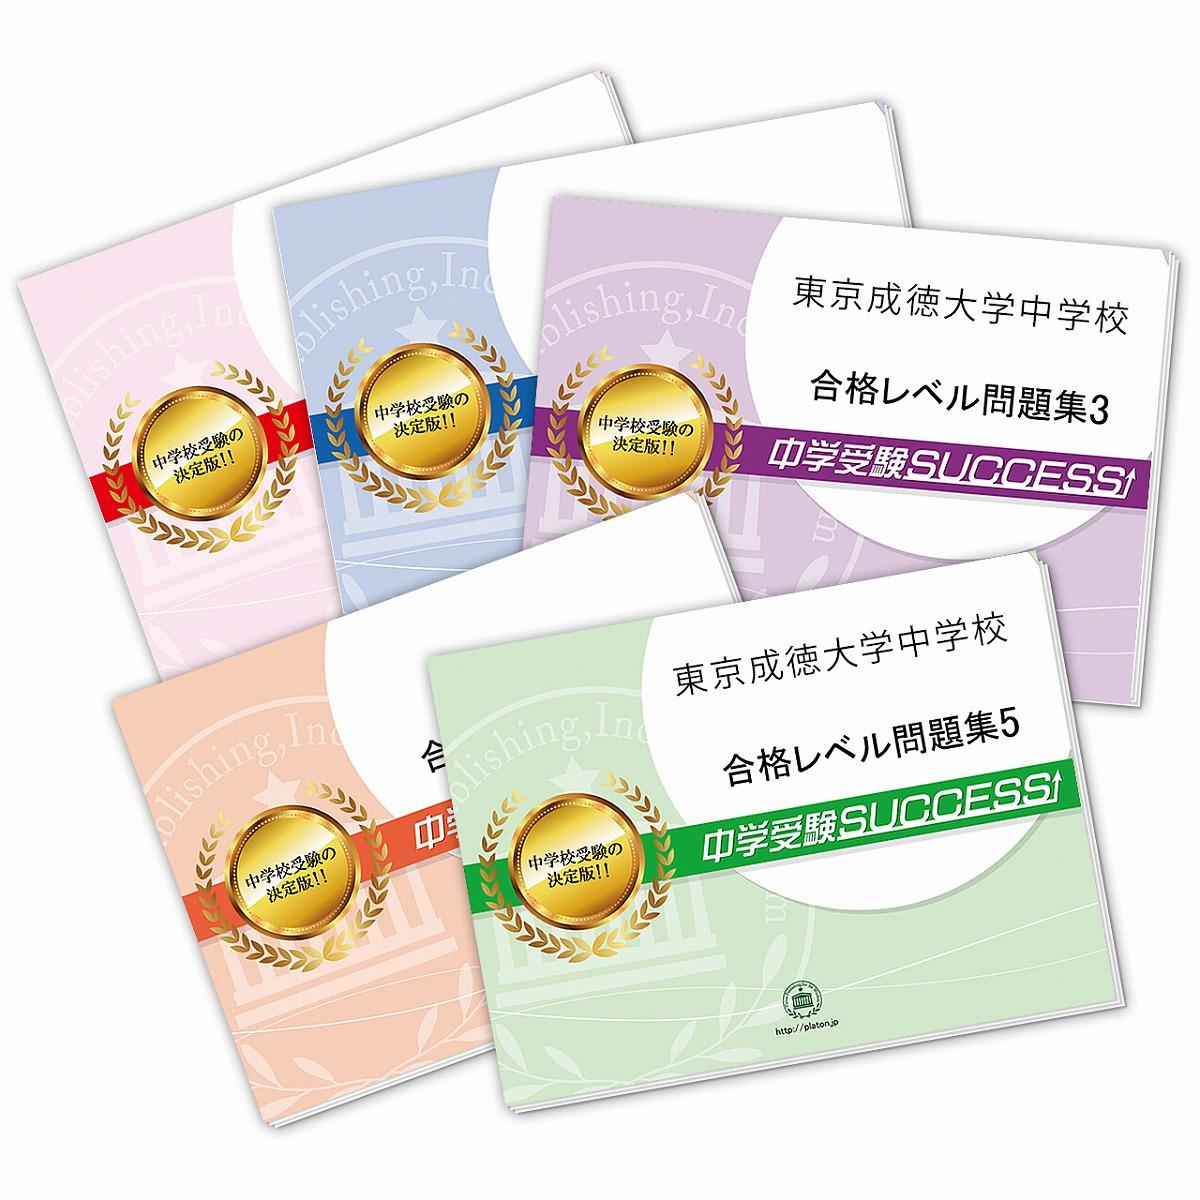 【送料・代引手数料無料】東京成徳大学中学校・直前対策合格セット(5冊)